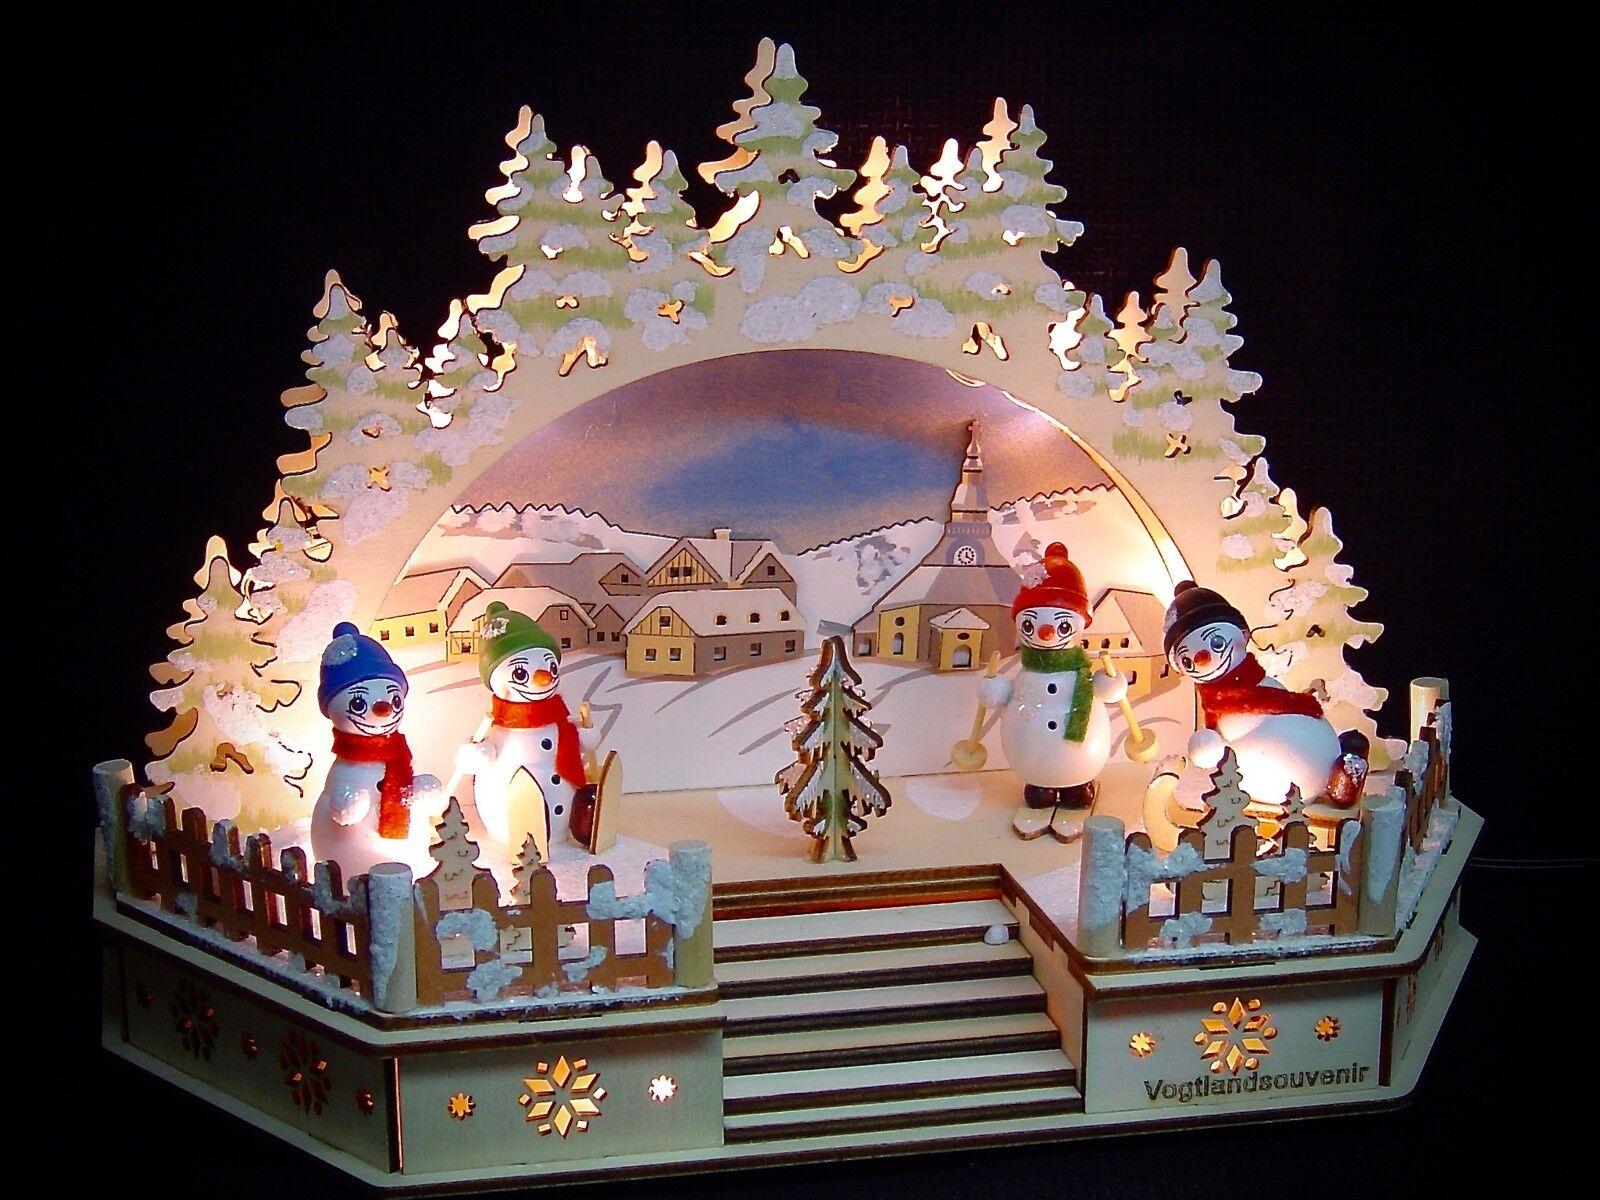 3D LED Arc à lumière à bougies église Seiffen 4 multiCouleure bonhommes au neige